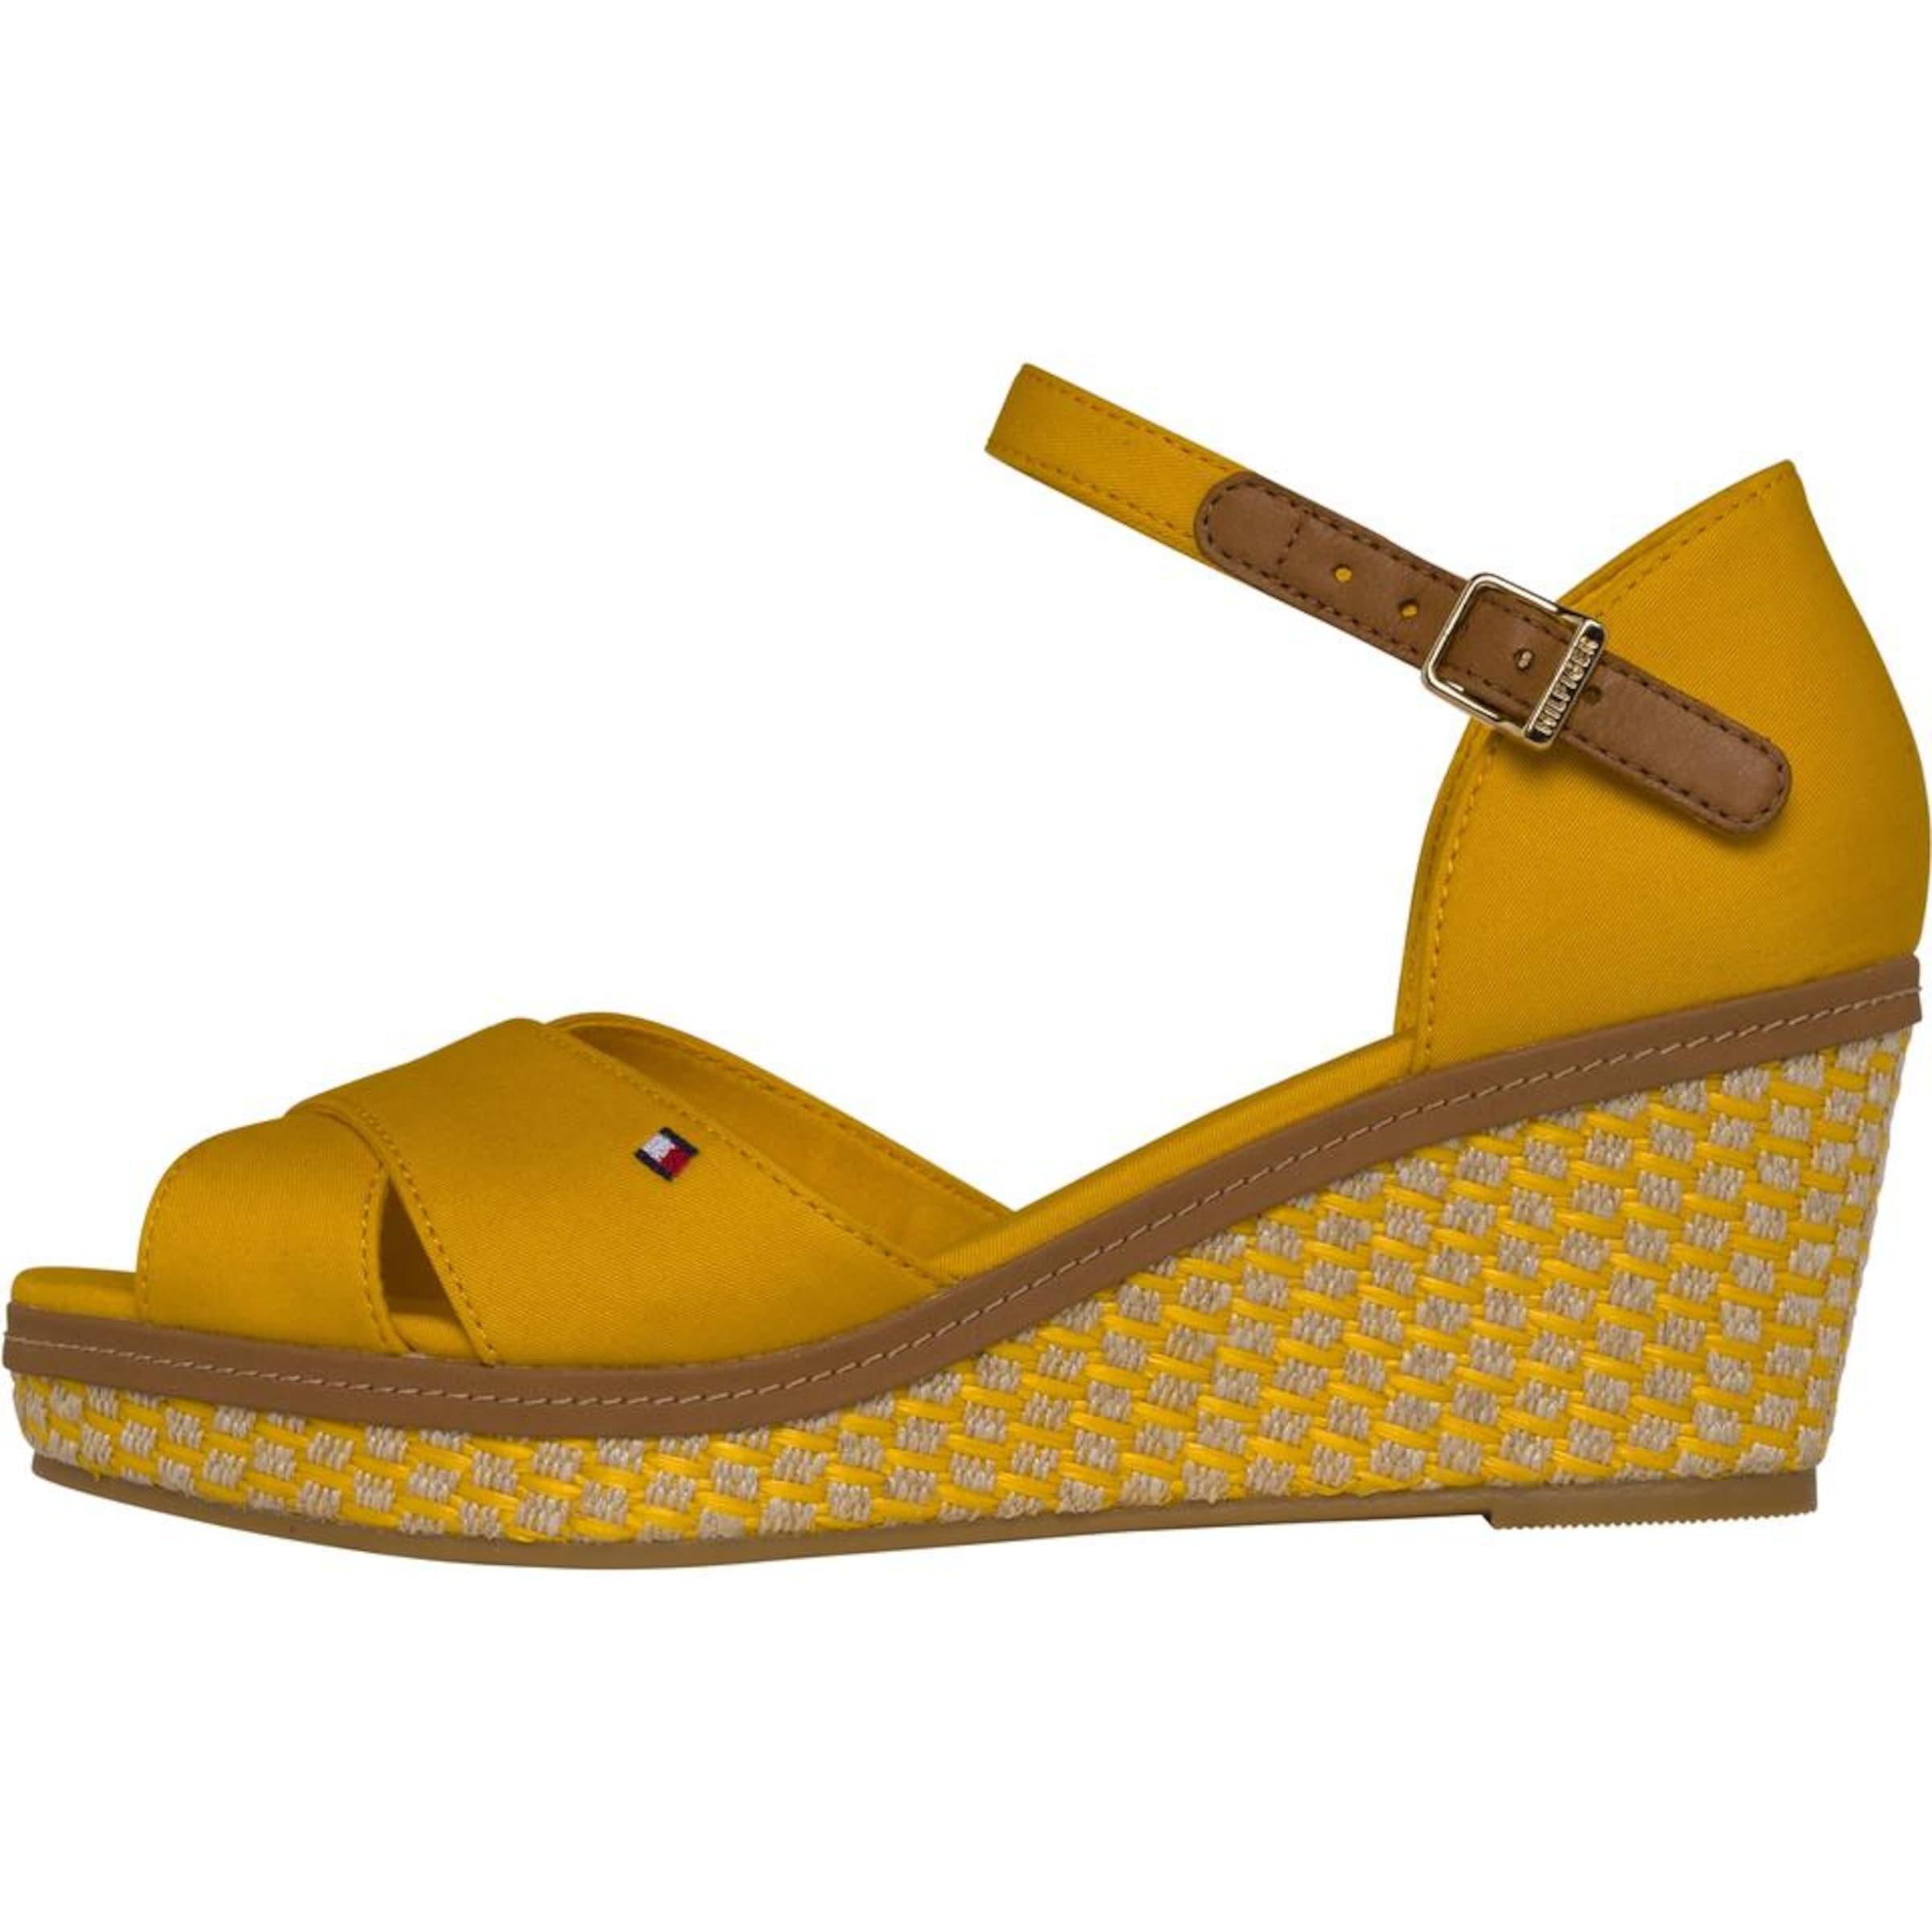 Haltbare Mode billige Schuhe TOMMY HILFIGER | Slipper 'MIDNIGHT' Schuhe Gut getragene Schuhe